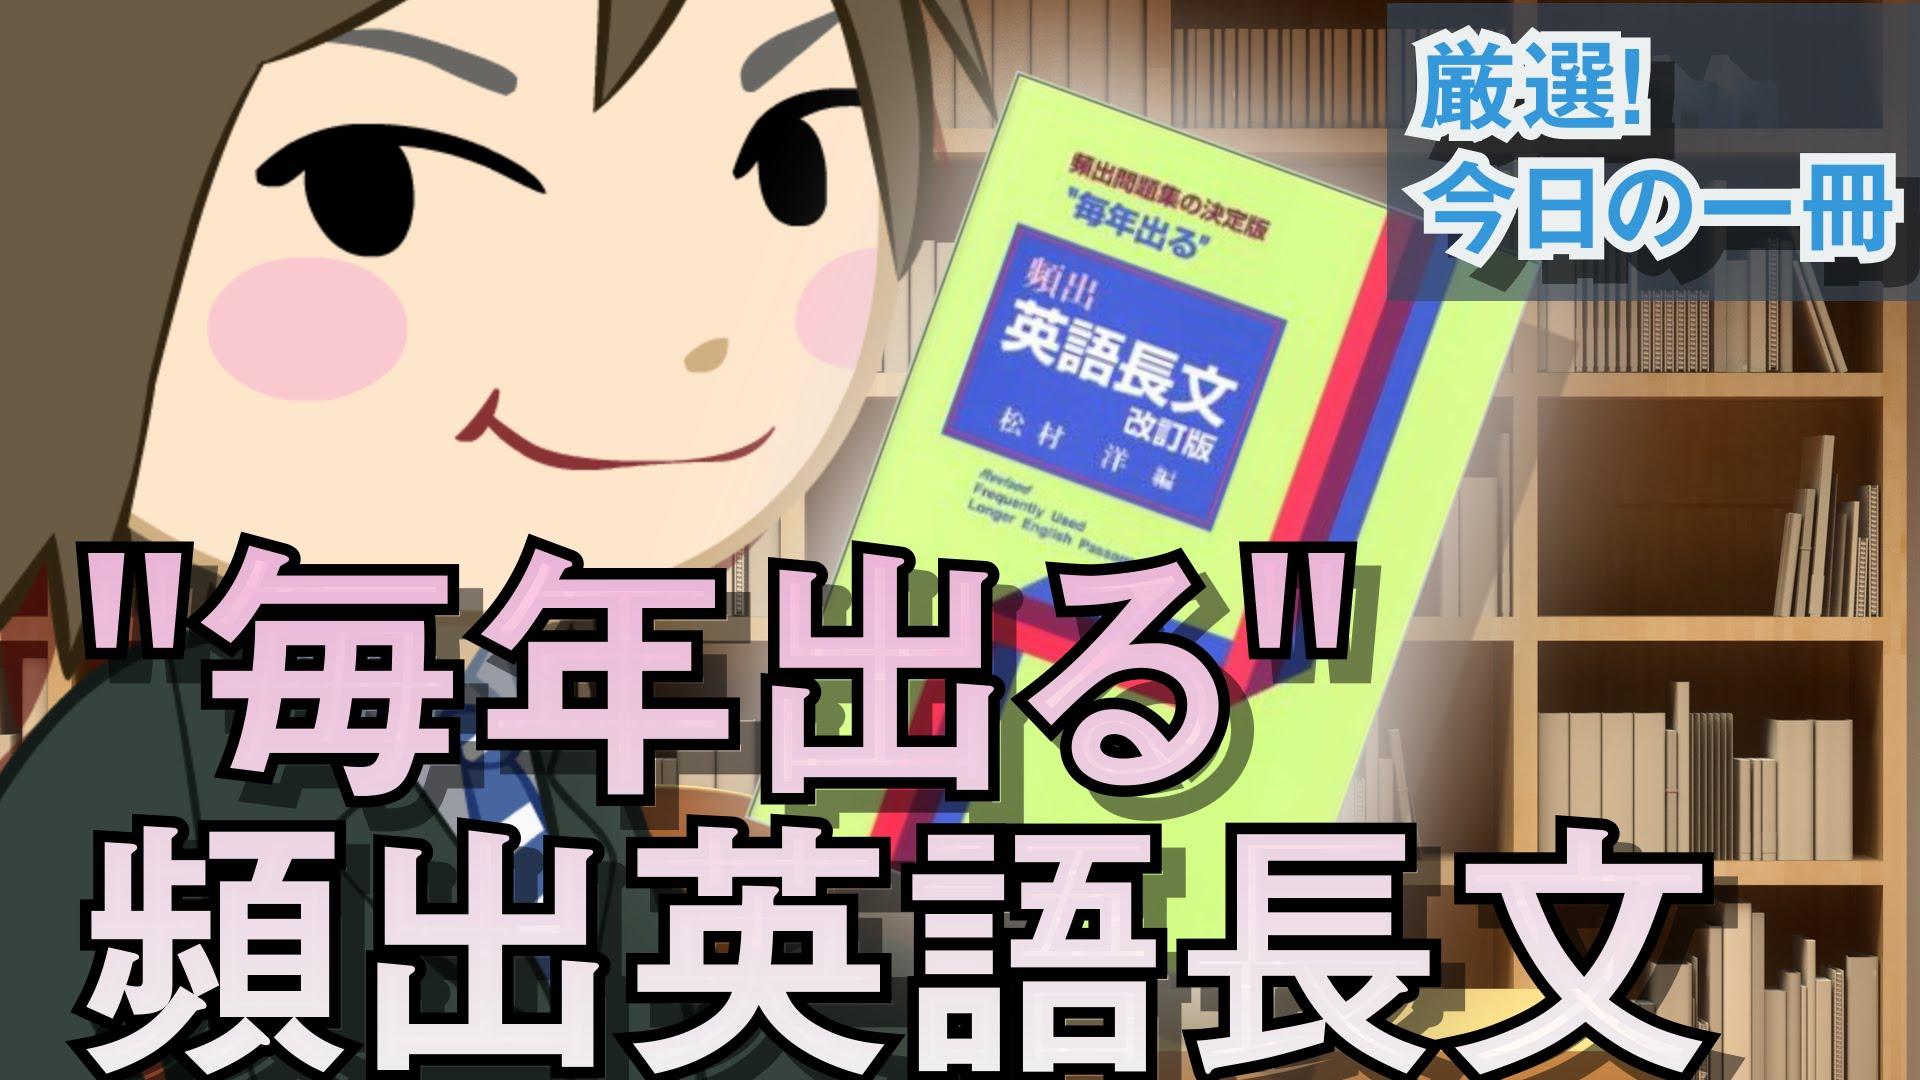 毎年出る頻出英語長文改訂版|武田塾厳選!今日の一冊